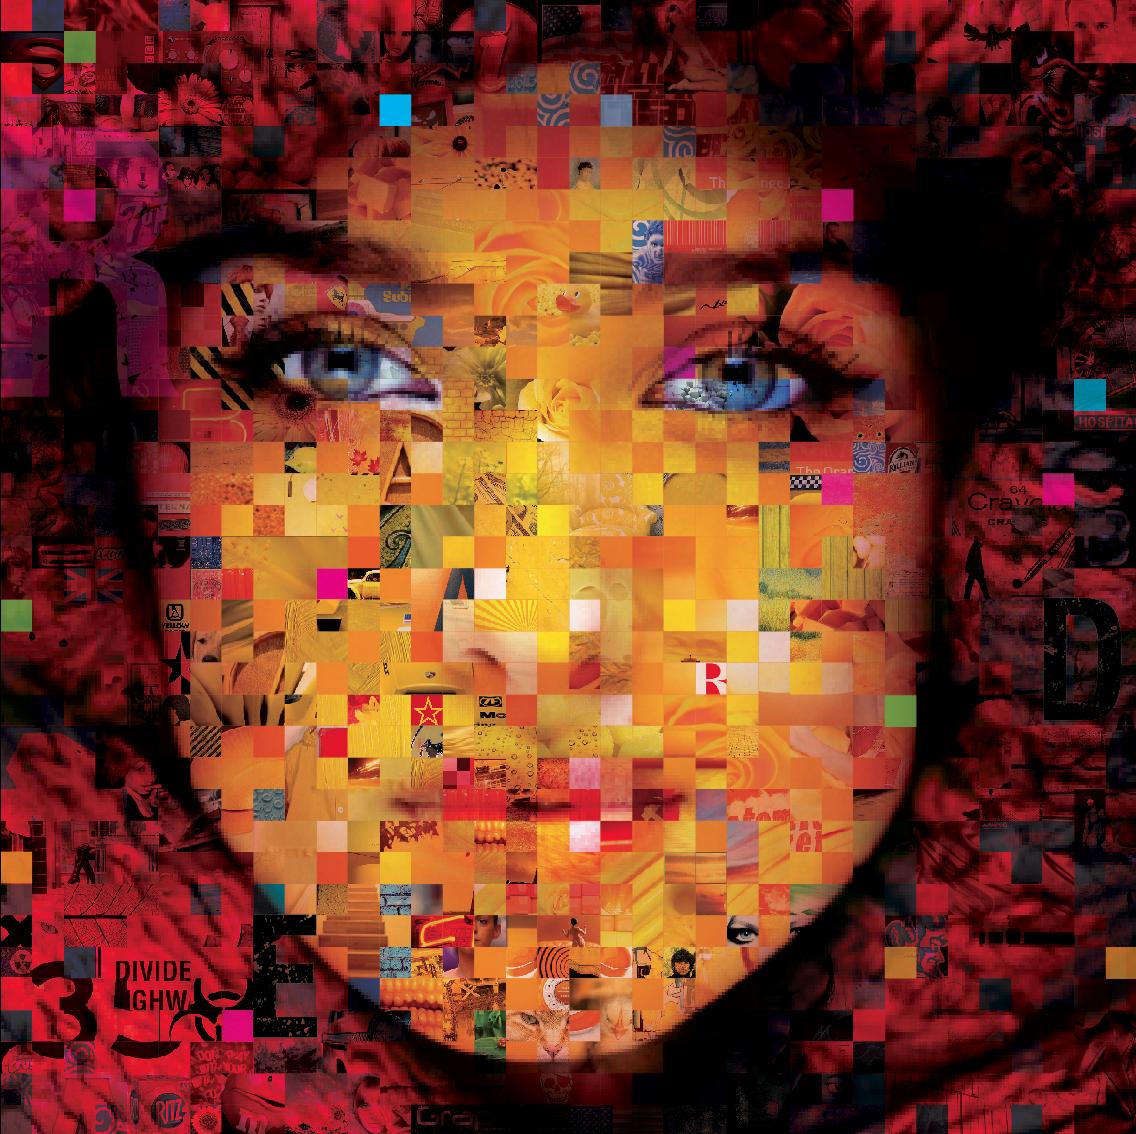 Phần tốt đẹp đầy màu sắc chiếm đa phần con người bạn, nhưng vẫn có những mảnh ghép xấu đôi khi trỗi dậy. (Ảnh minh họa. Nguồn: Internet)